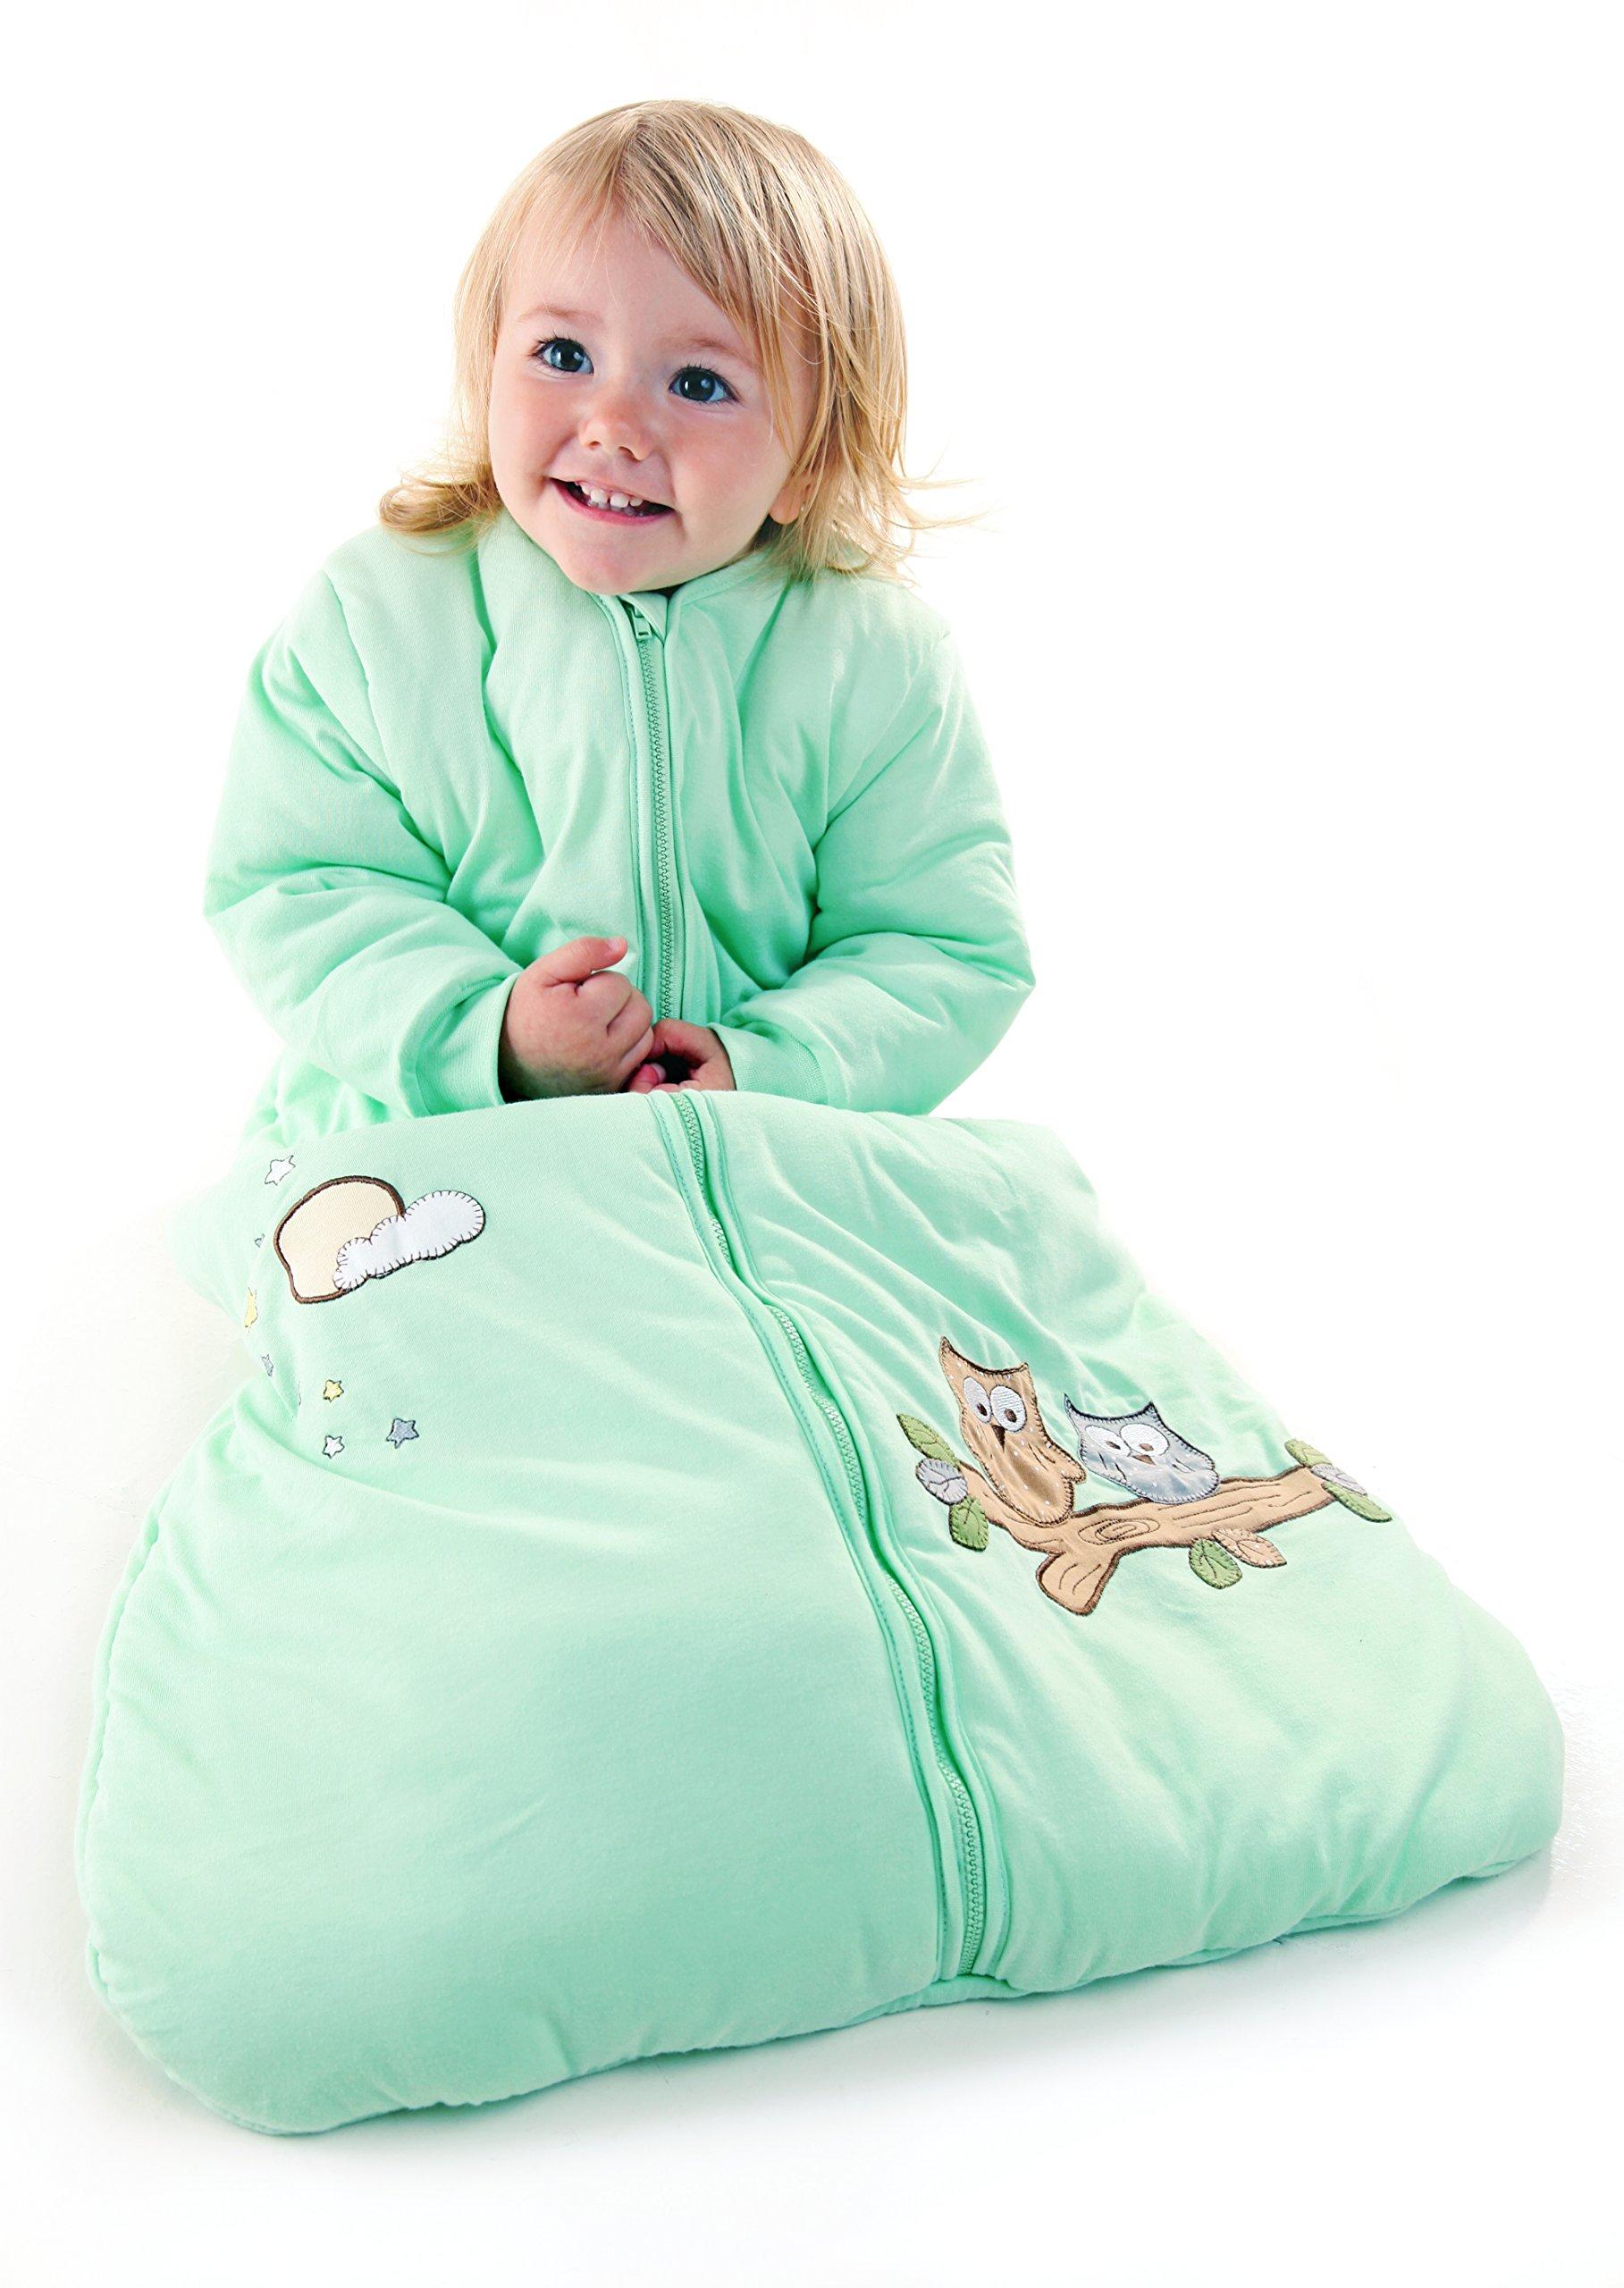 Slumbersafe Winter Baby Sleeping Bag Long Sleeves 3.5 Tog - Mint Owl, 6-18 months/MEDIUM